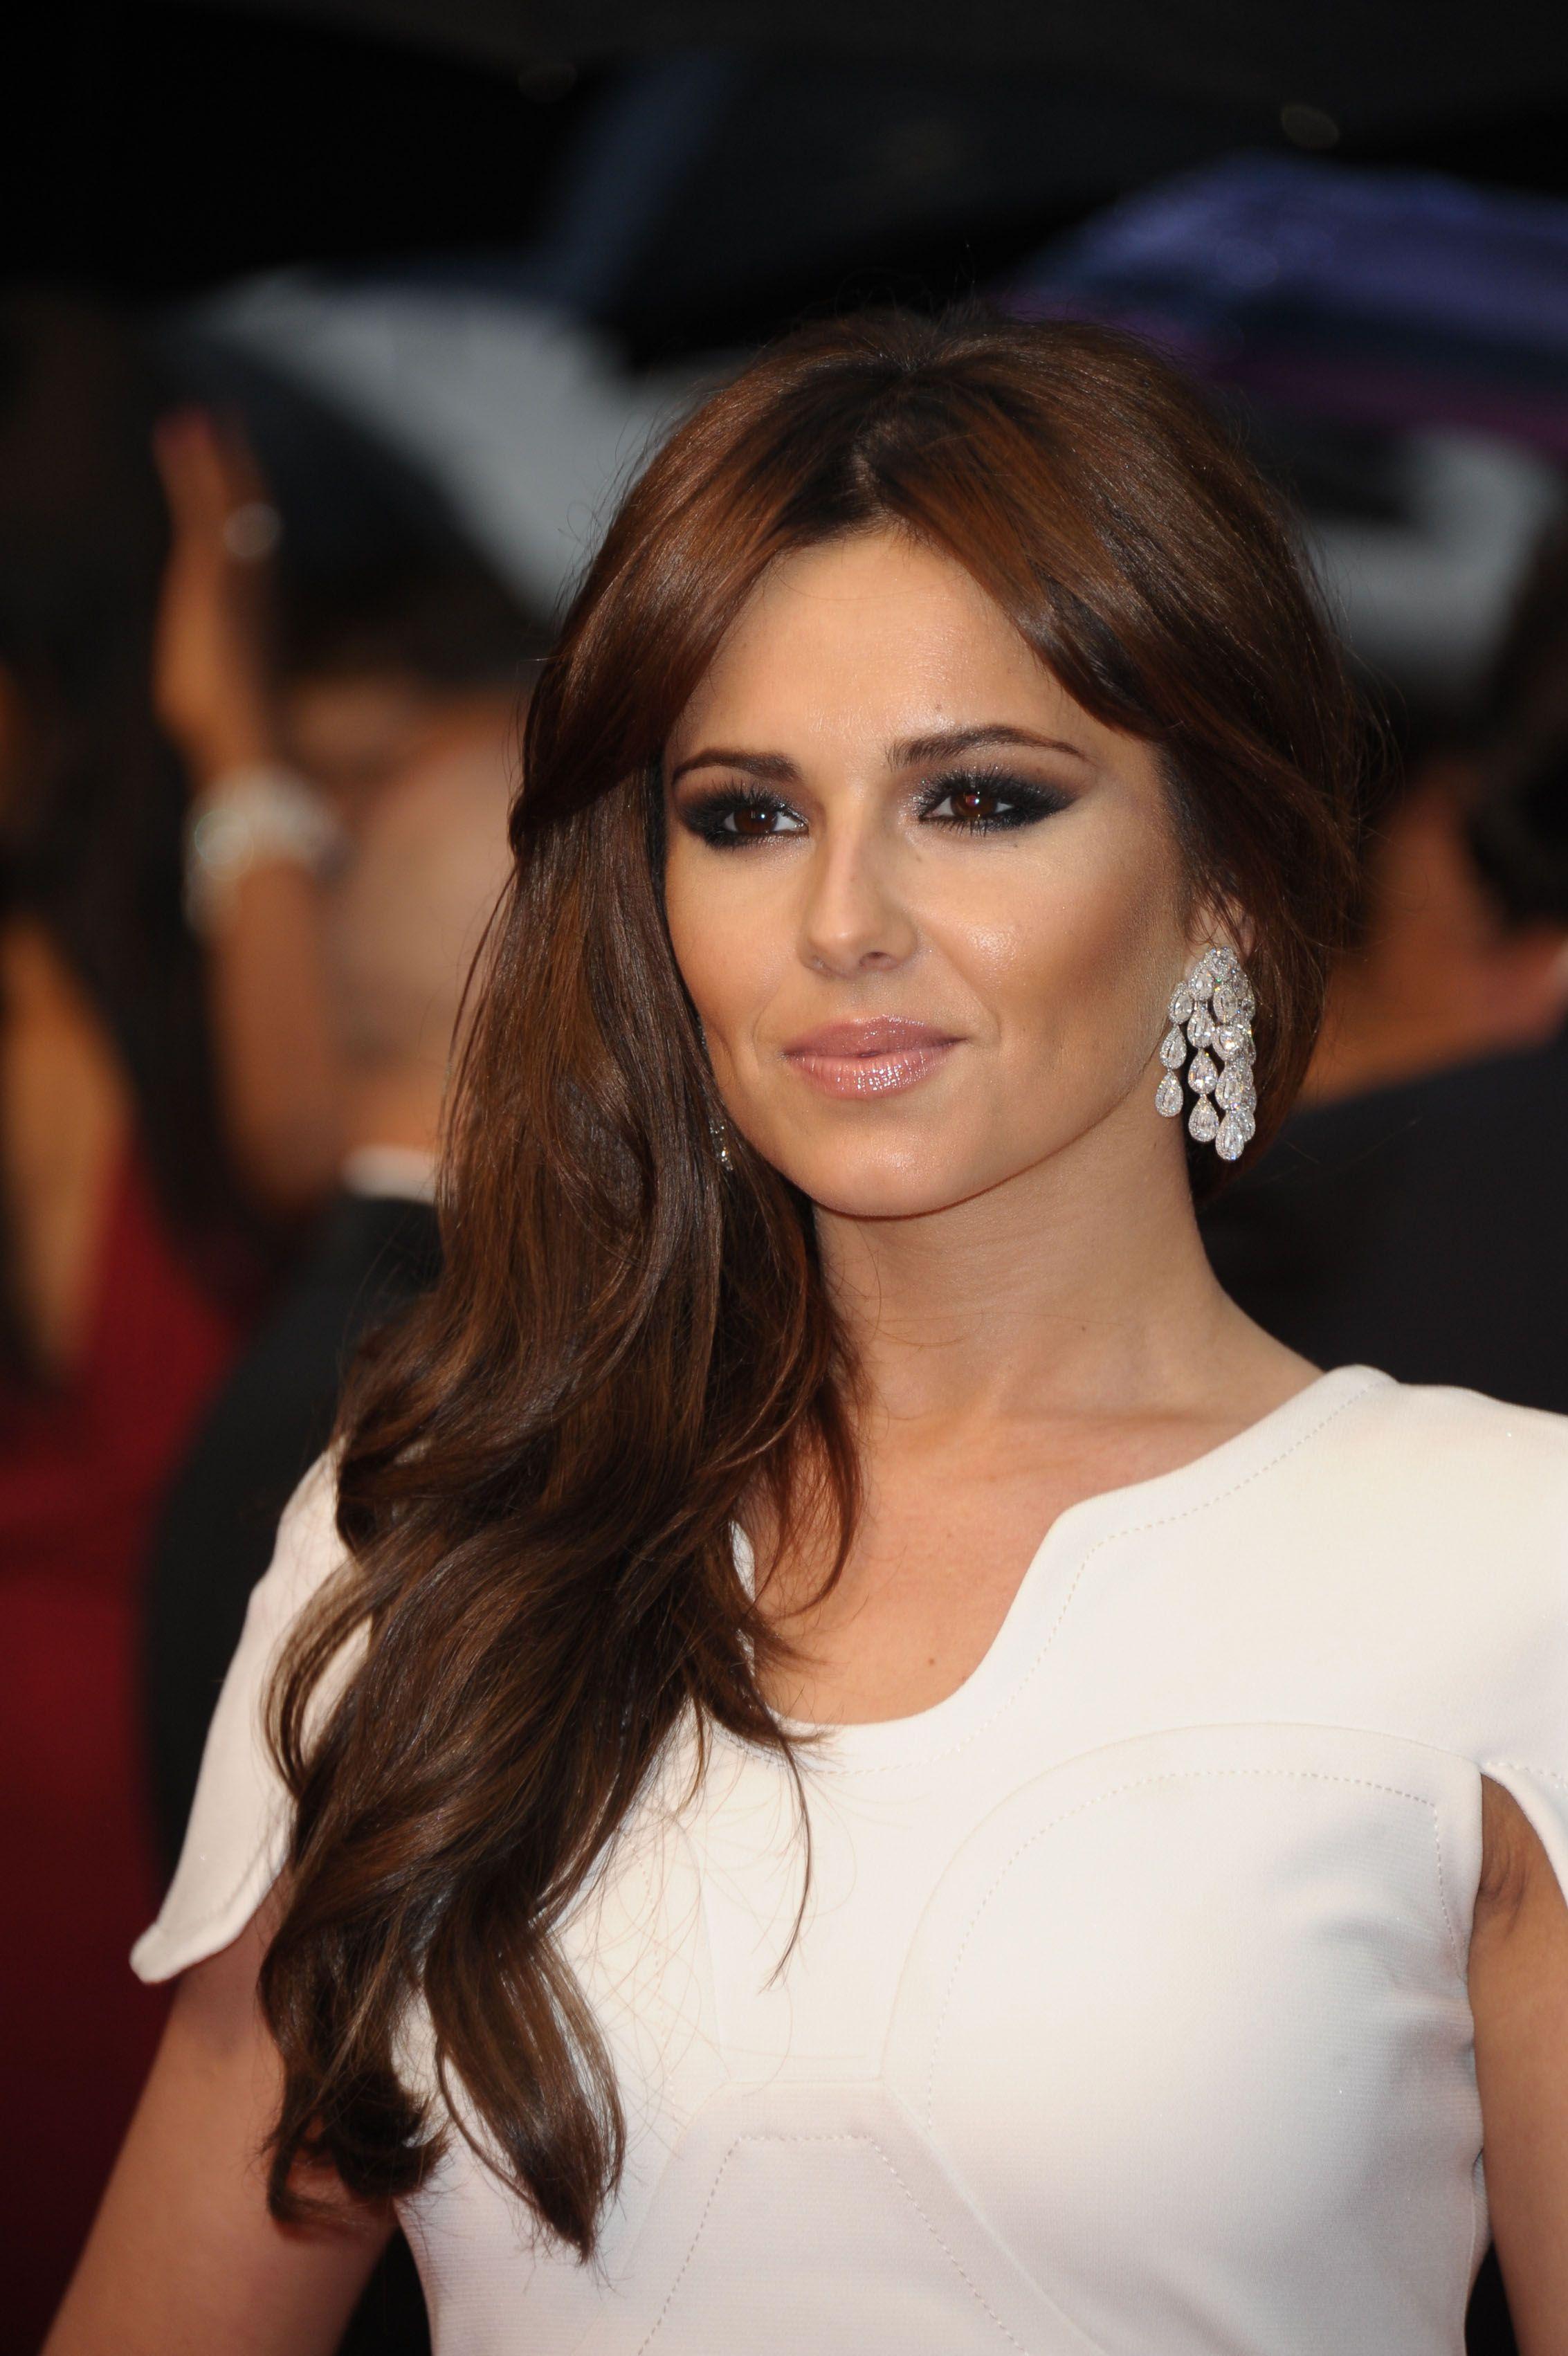 Woman lovely cherylann beautiful